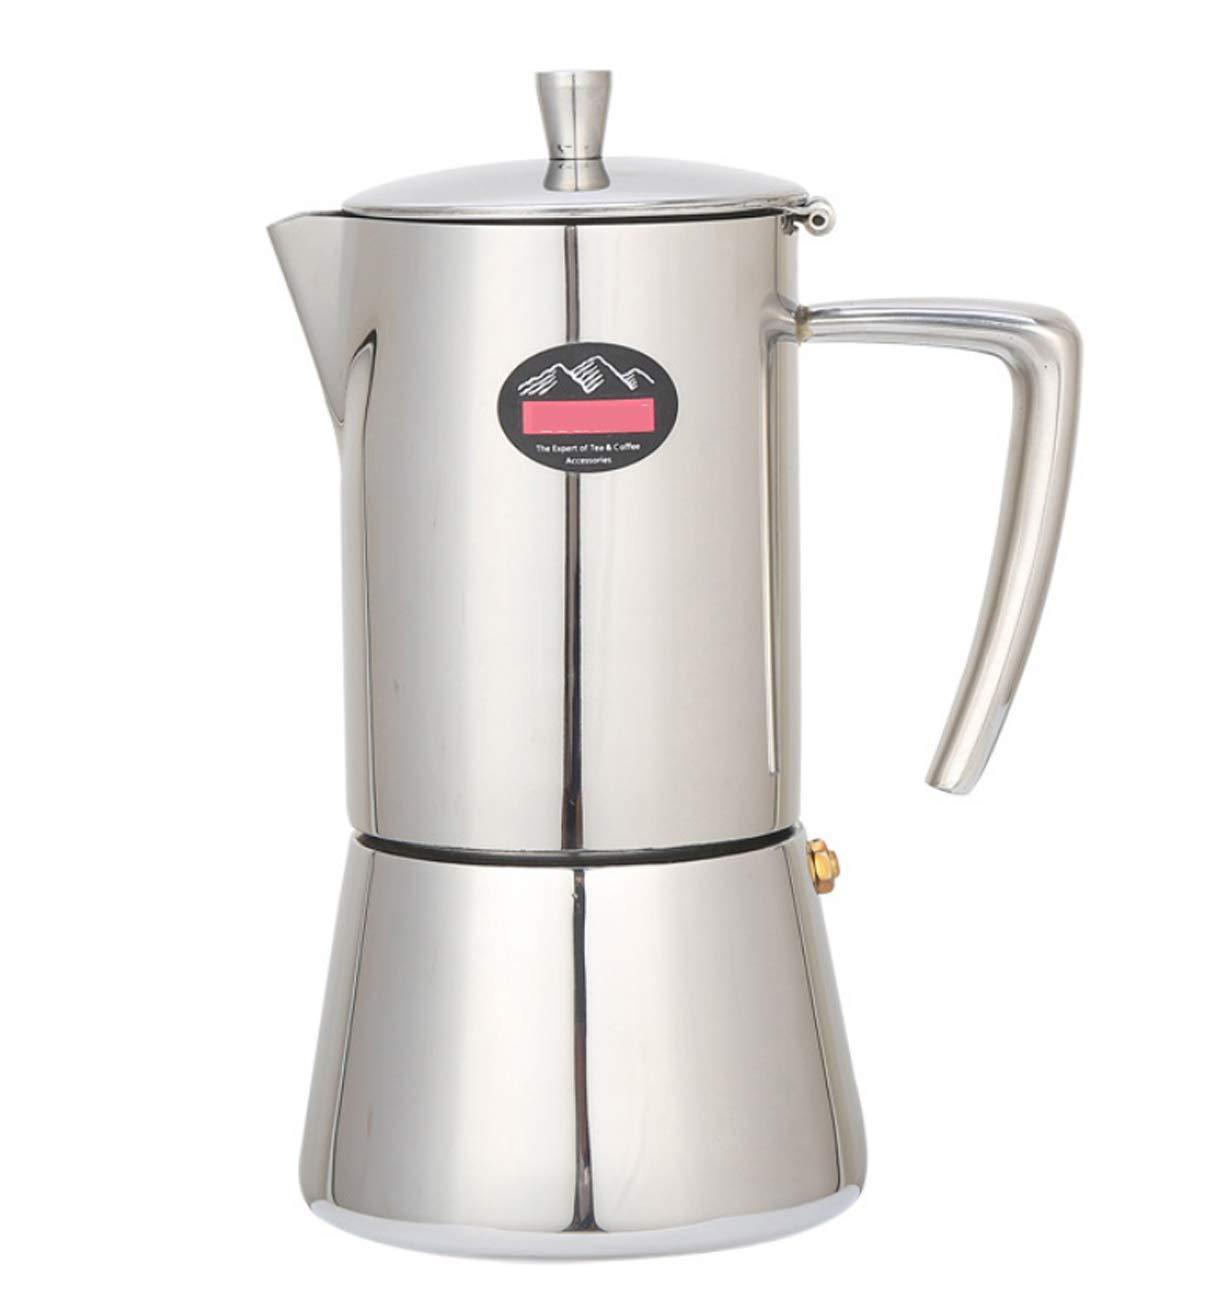 Huaishu Filtro De Acero Inoxidable Cafetera 4 Tazas Y 6 Tazas ...